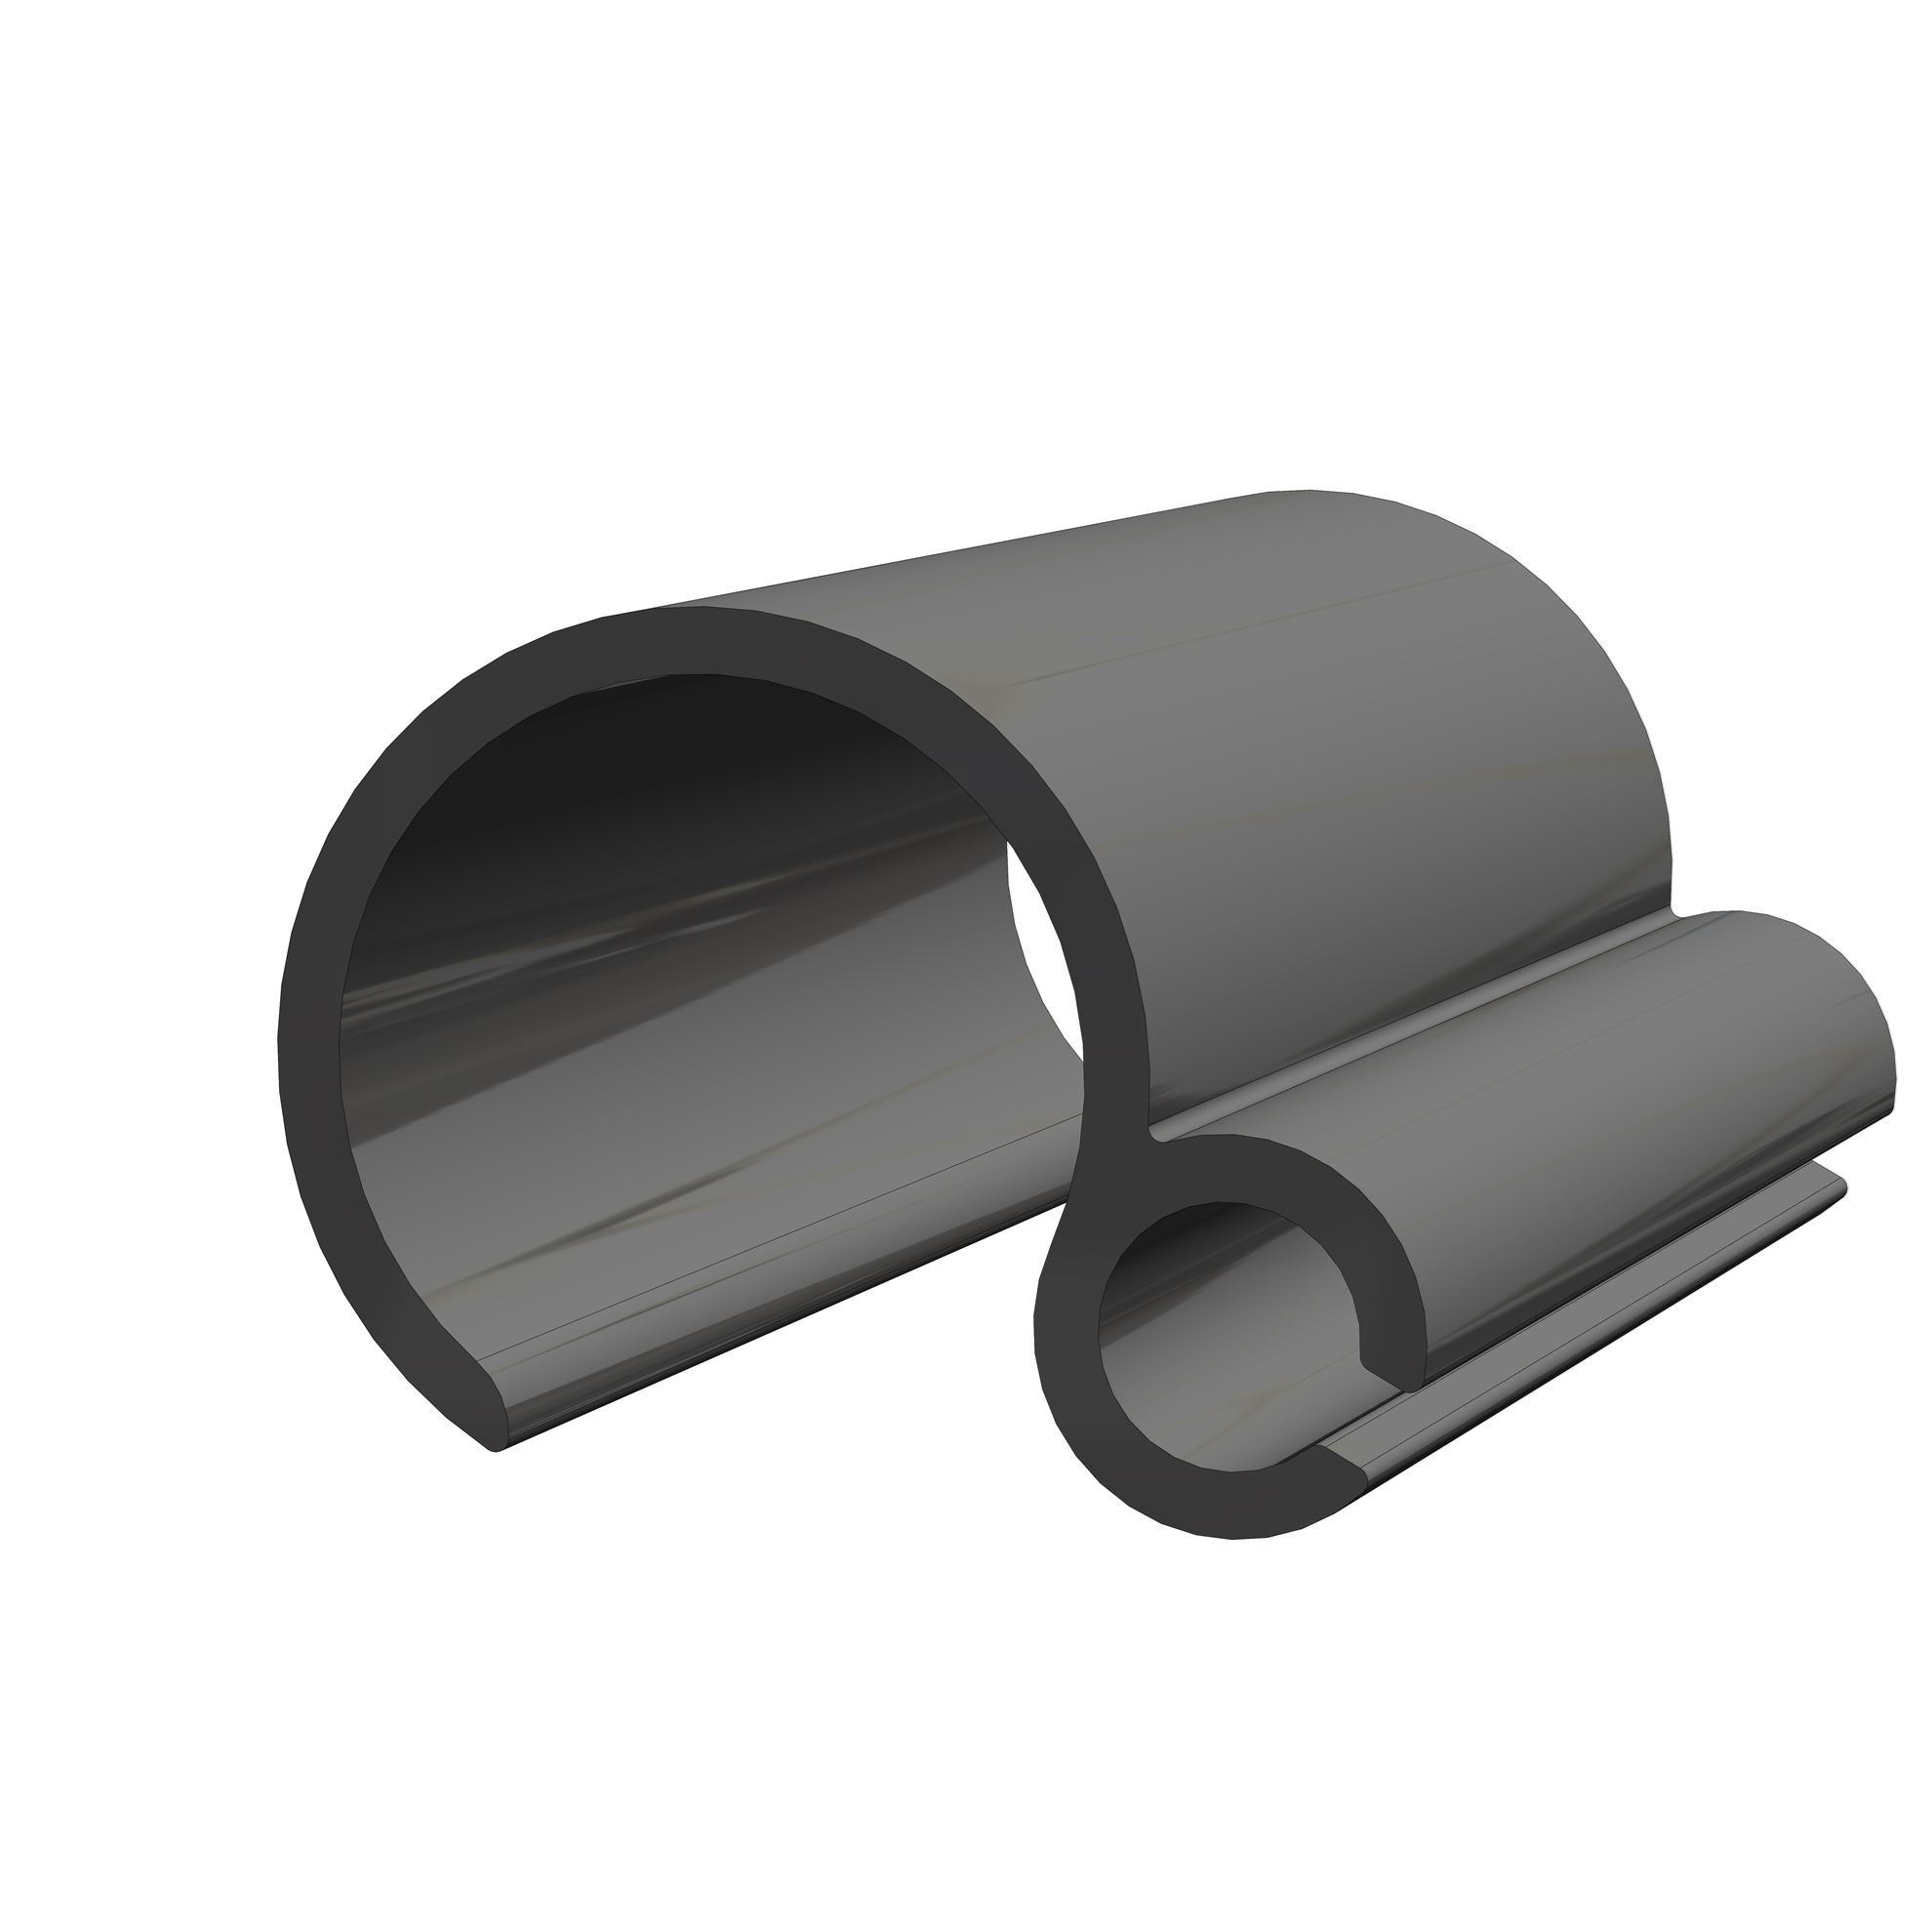 V25-9907BKA5 Replacement track render